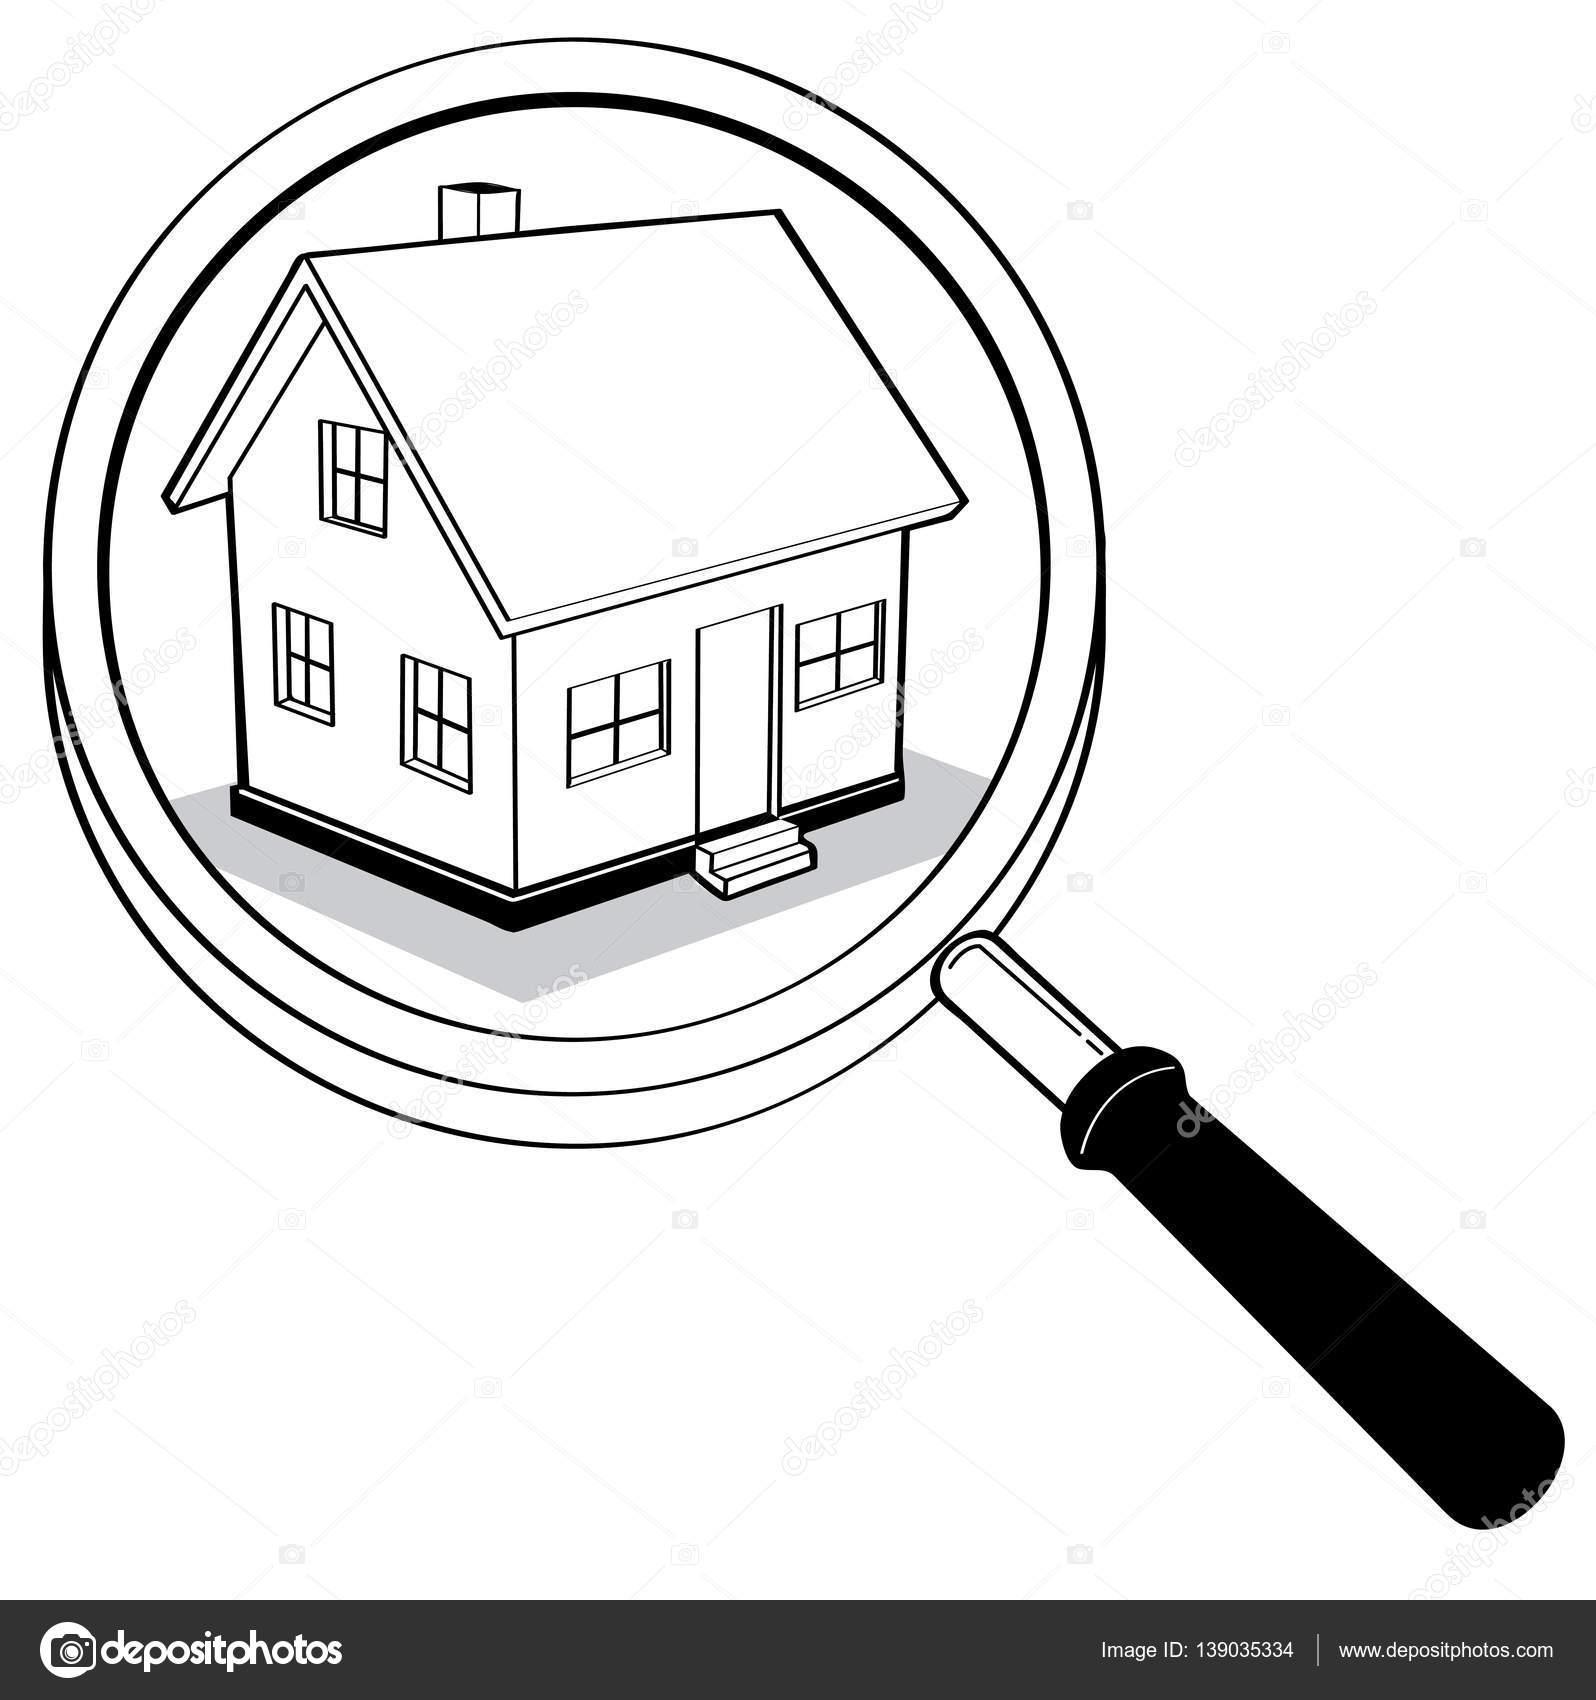 Haus strichzeichnung  und weißen Haus Strichzeichnung, Geschäftskonzept, Illustration ...